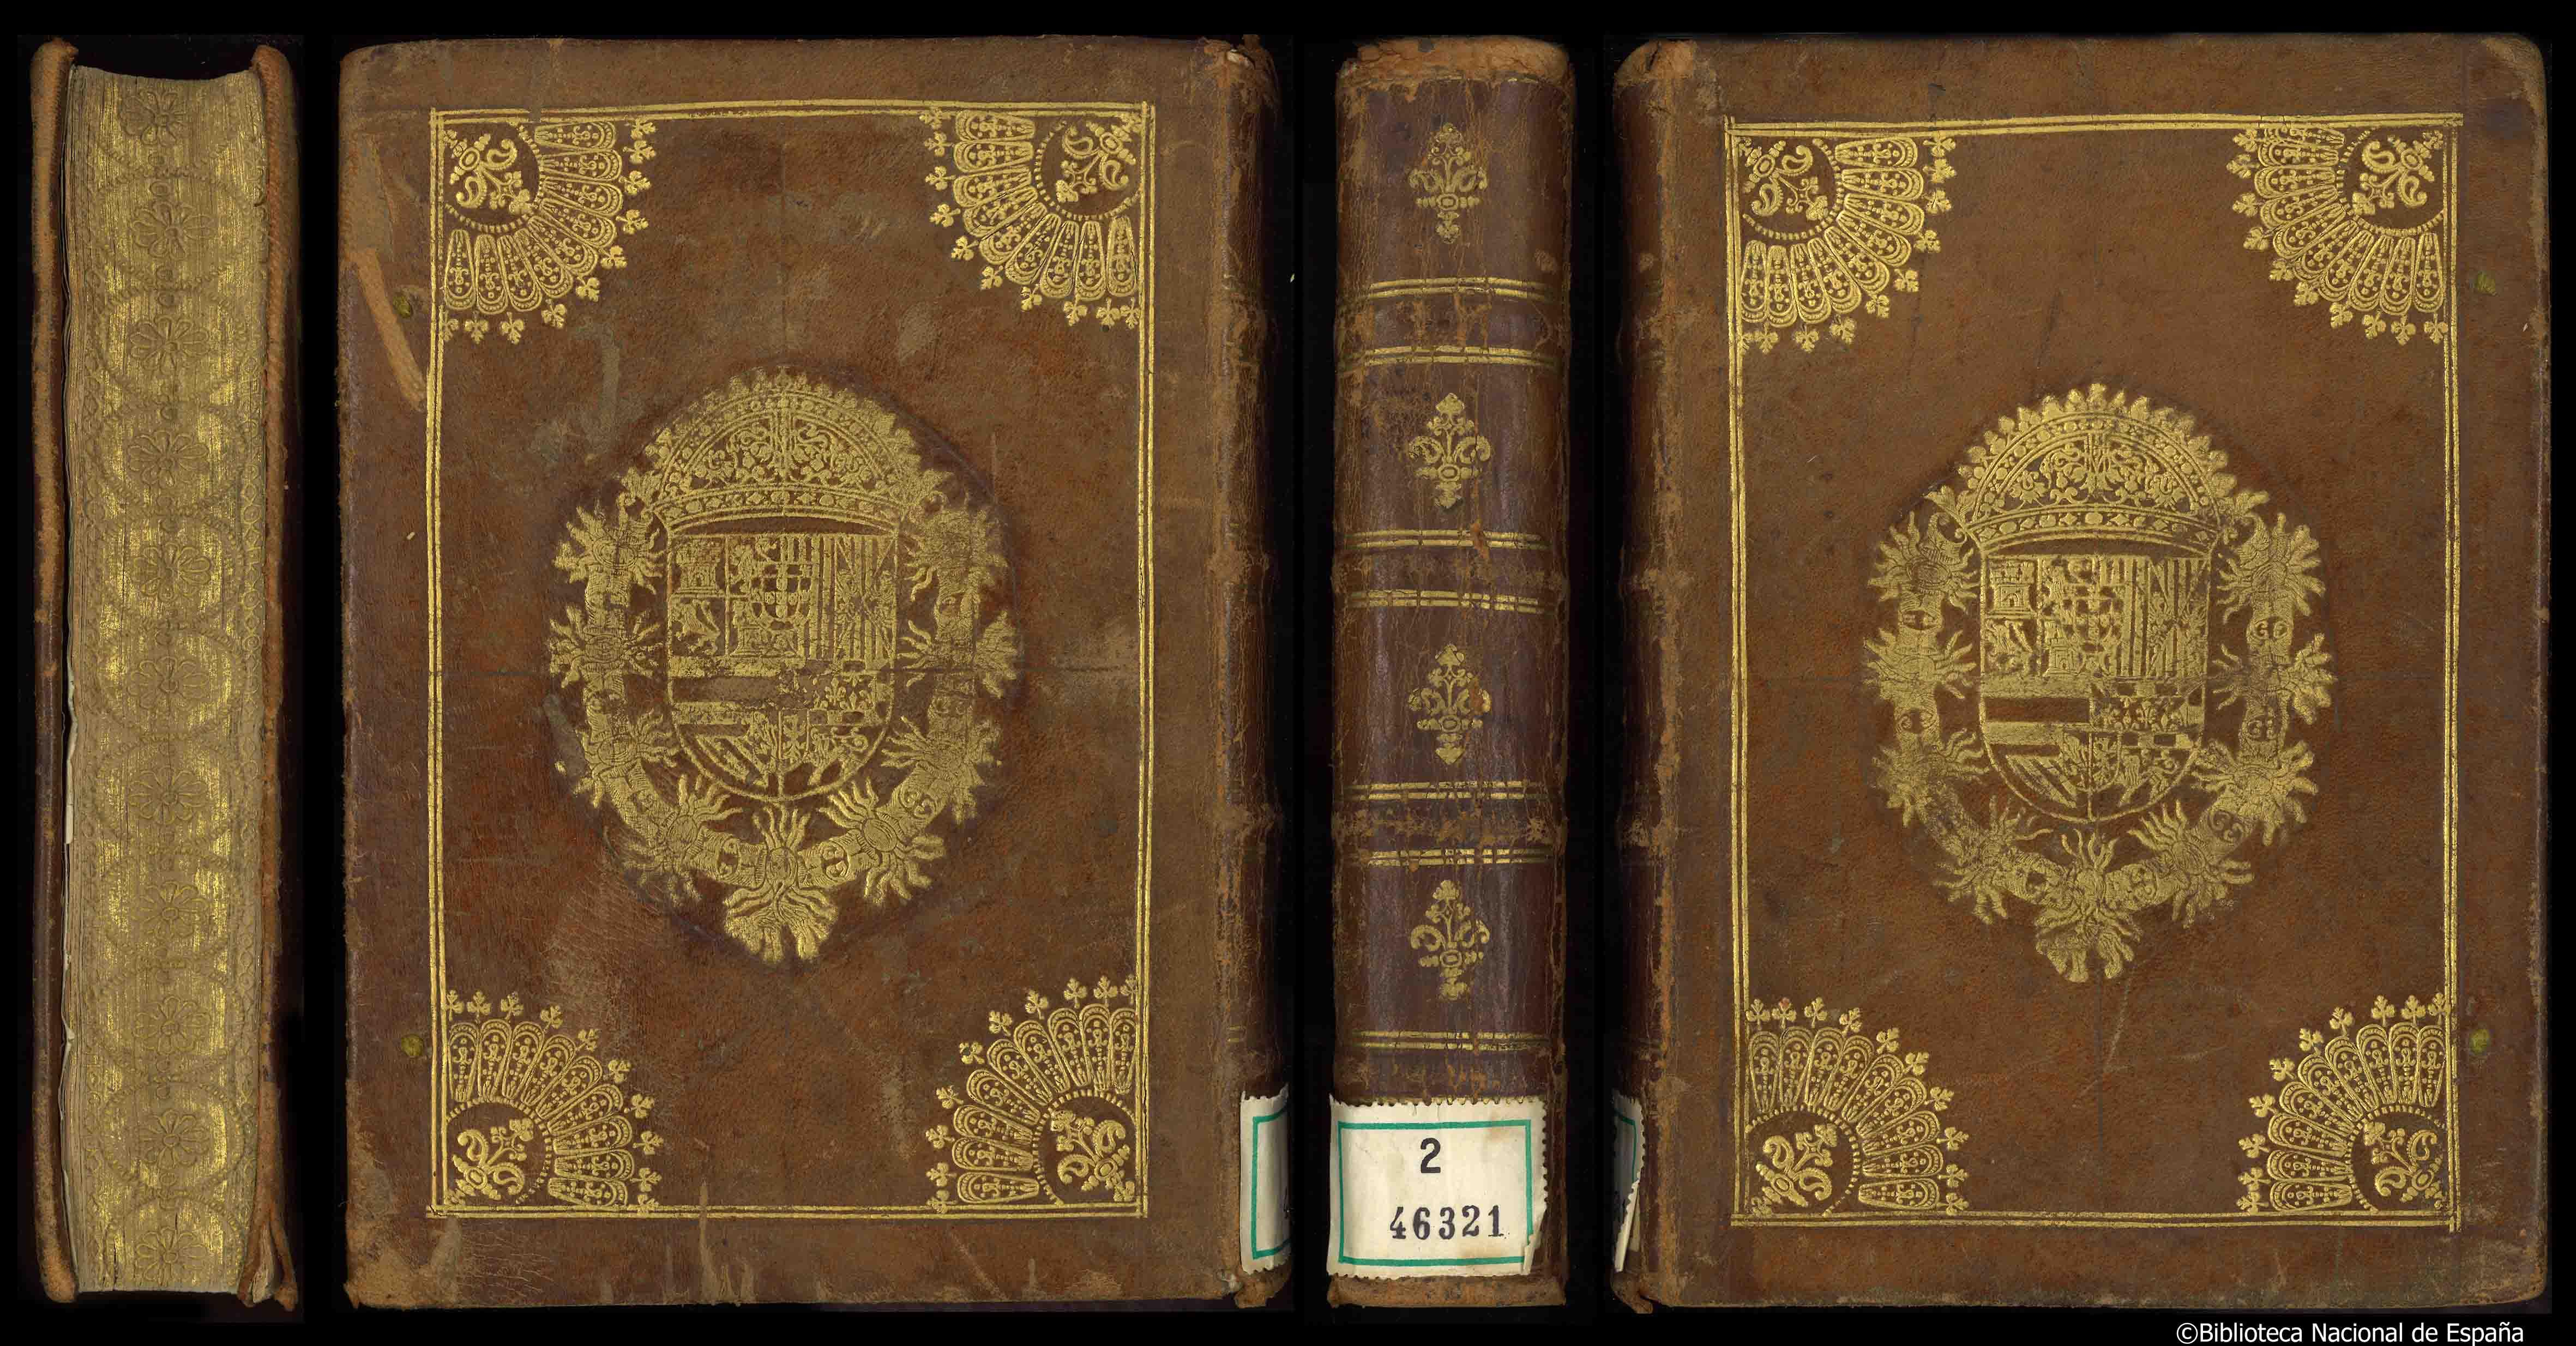 Encuadernación heráldica en piel avellana de estilo abanicos;  recuadro de dos hilos dorados; en las esquinas, cuartos de abanico con flor dorada en el interior; en el centro escudo real de Carlos II; restos de cierres de seda azul; cortes dorados y cincelados